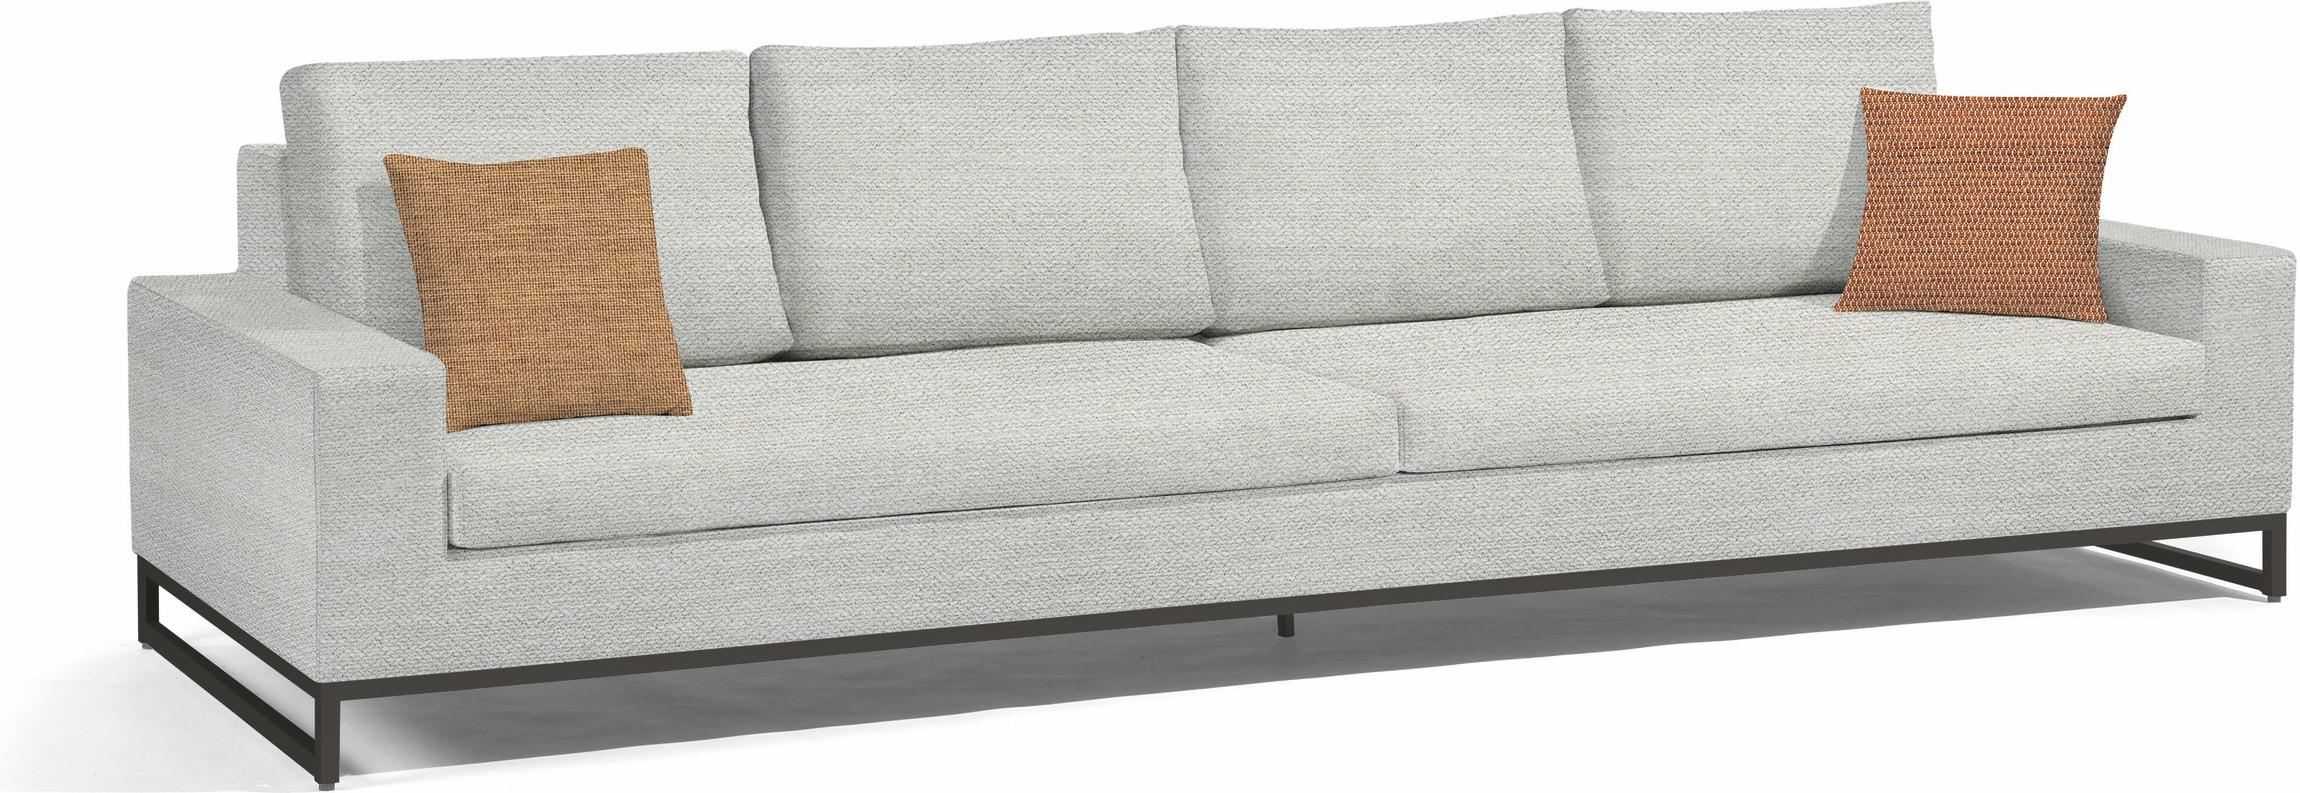 Zendo Sofa fixed - Lotus Smokey 290